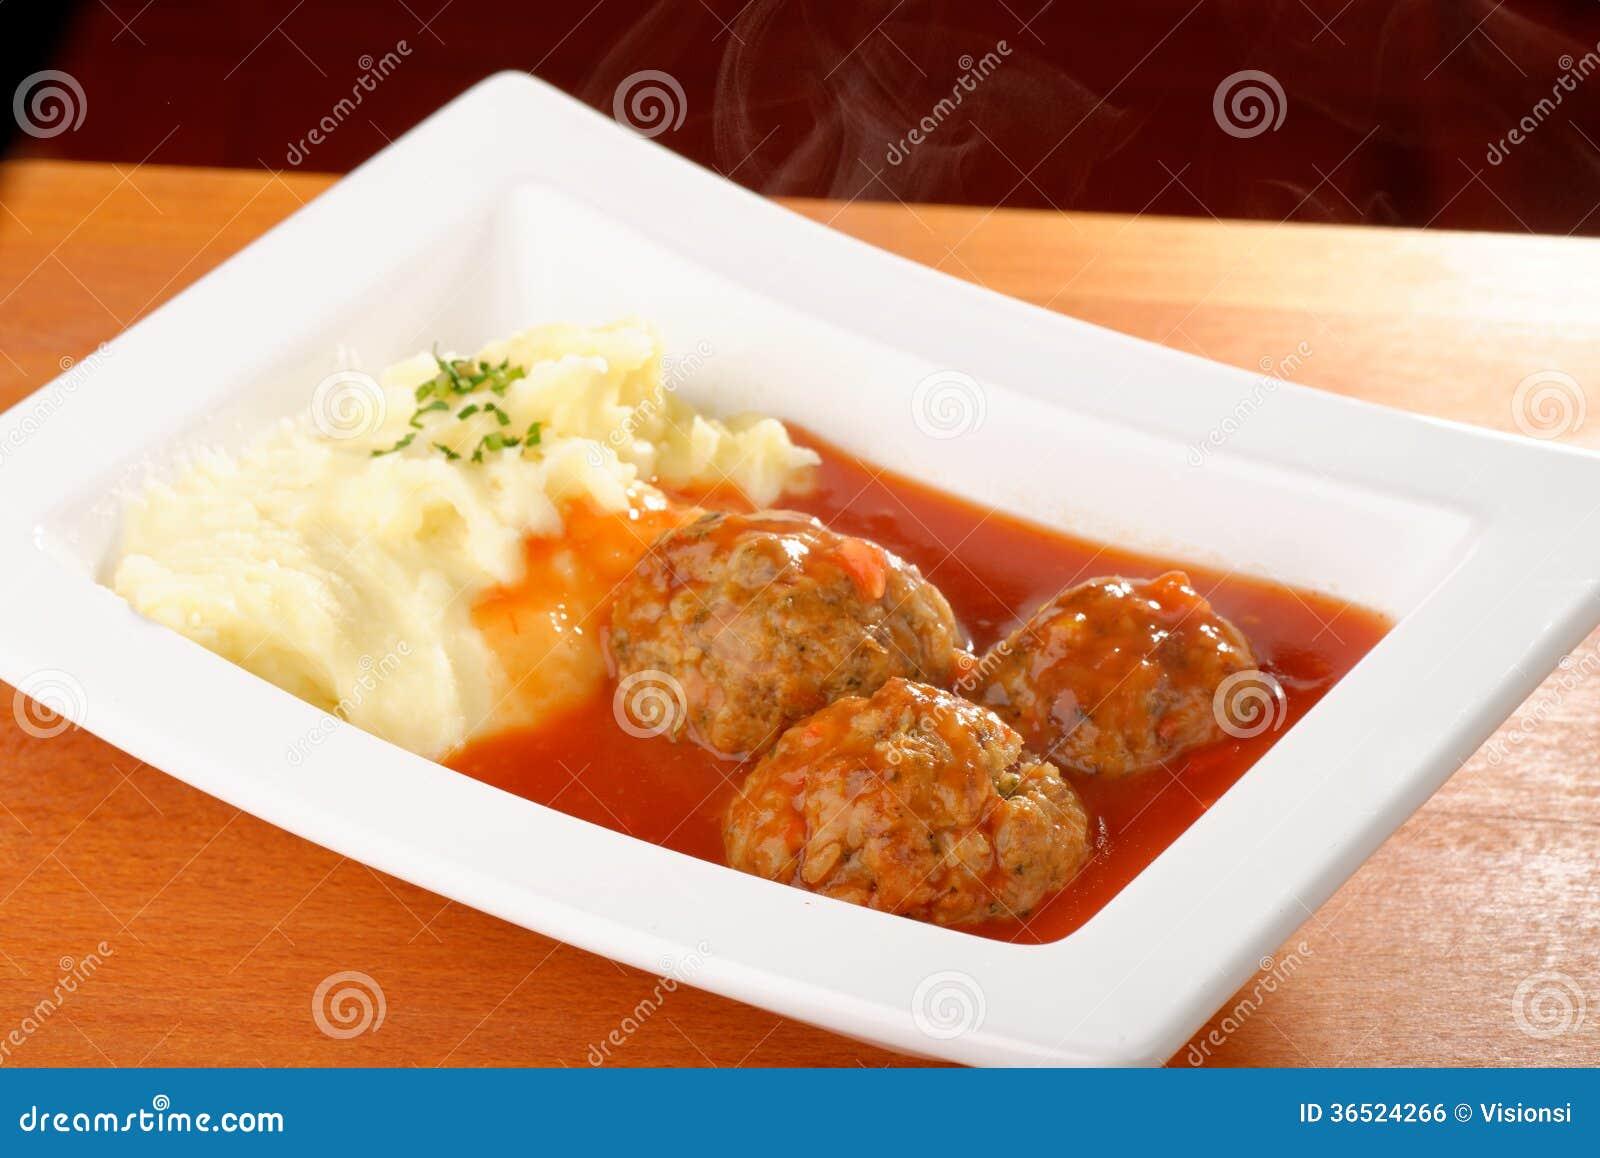 Boule de viande et purée de pommes de terre